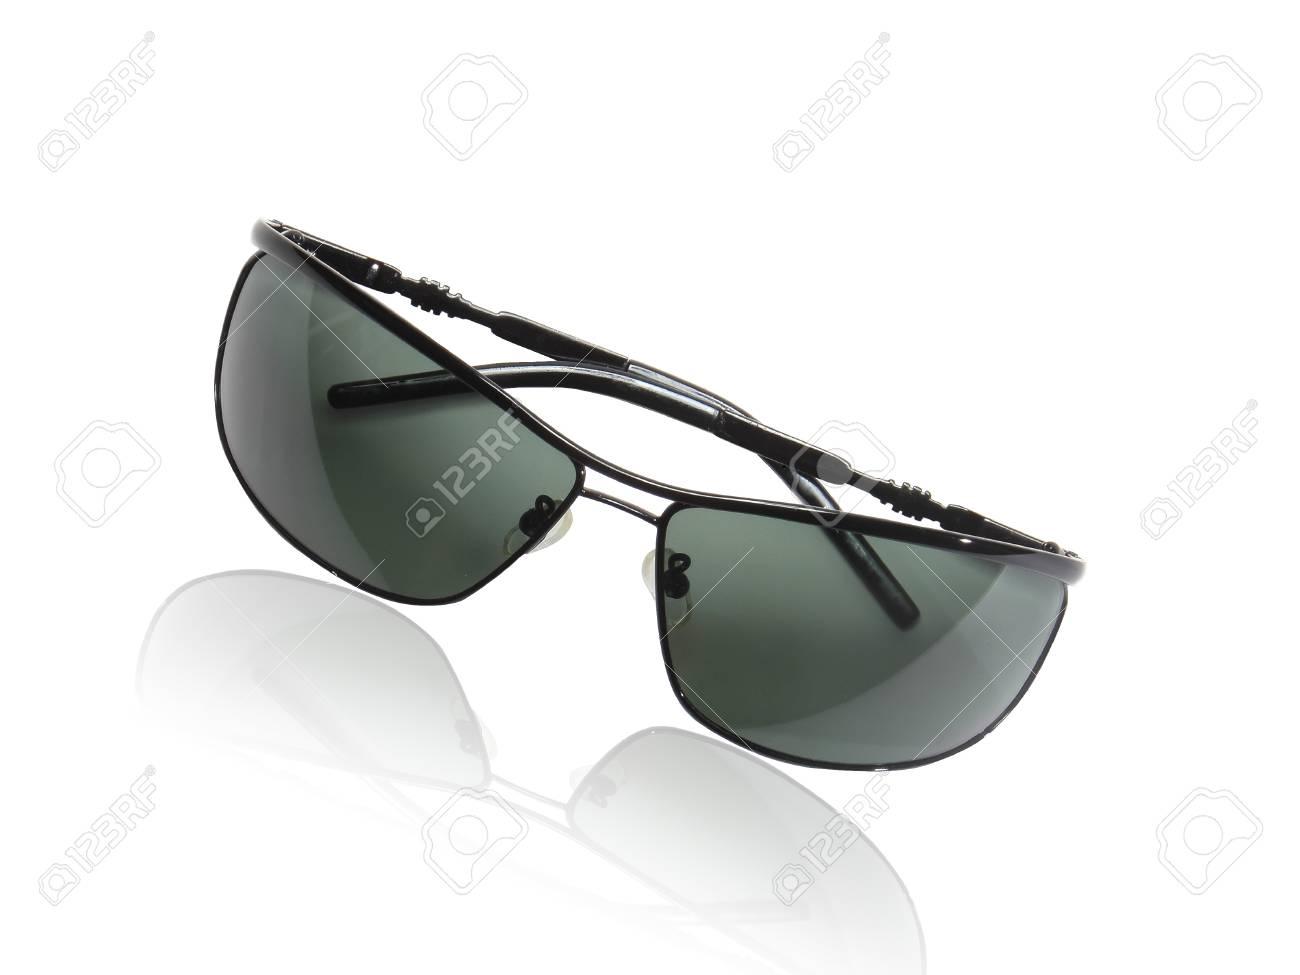 ColecciónconjuntoDe Blanco Negro Sobre Sol Gafas Hombre Fondo IeHD2WE9Yb